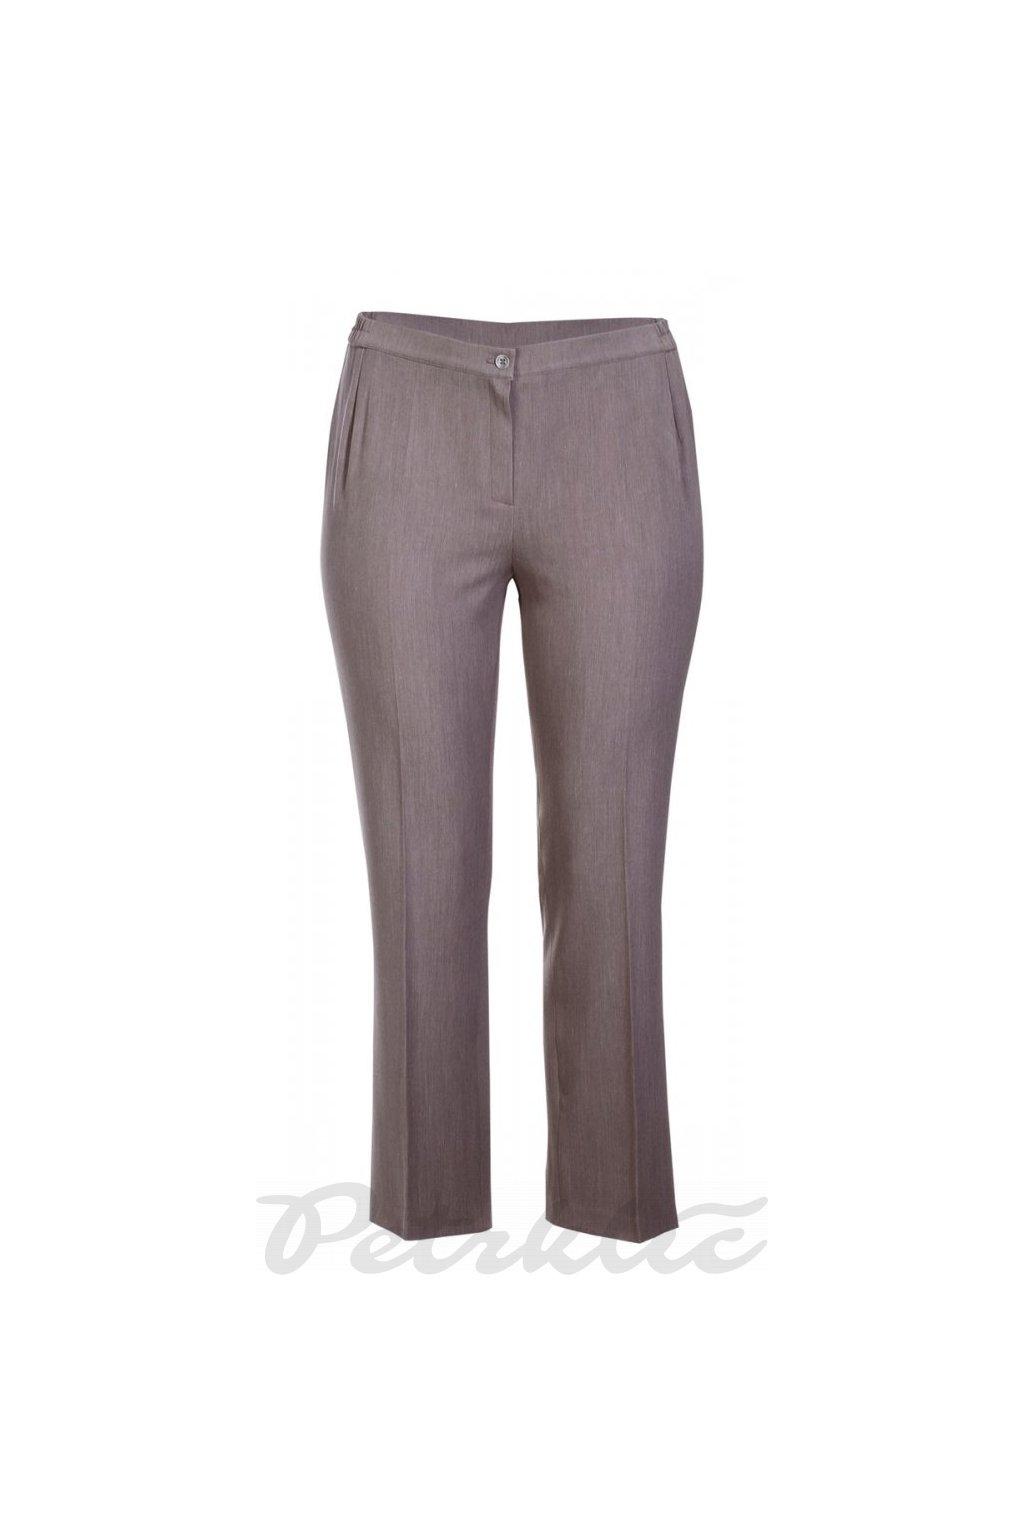 A2 - kalhoty vnitřní 70 cm